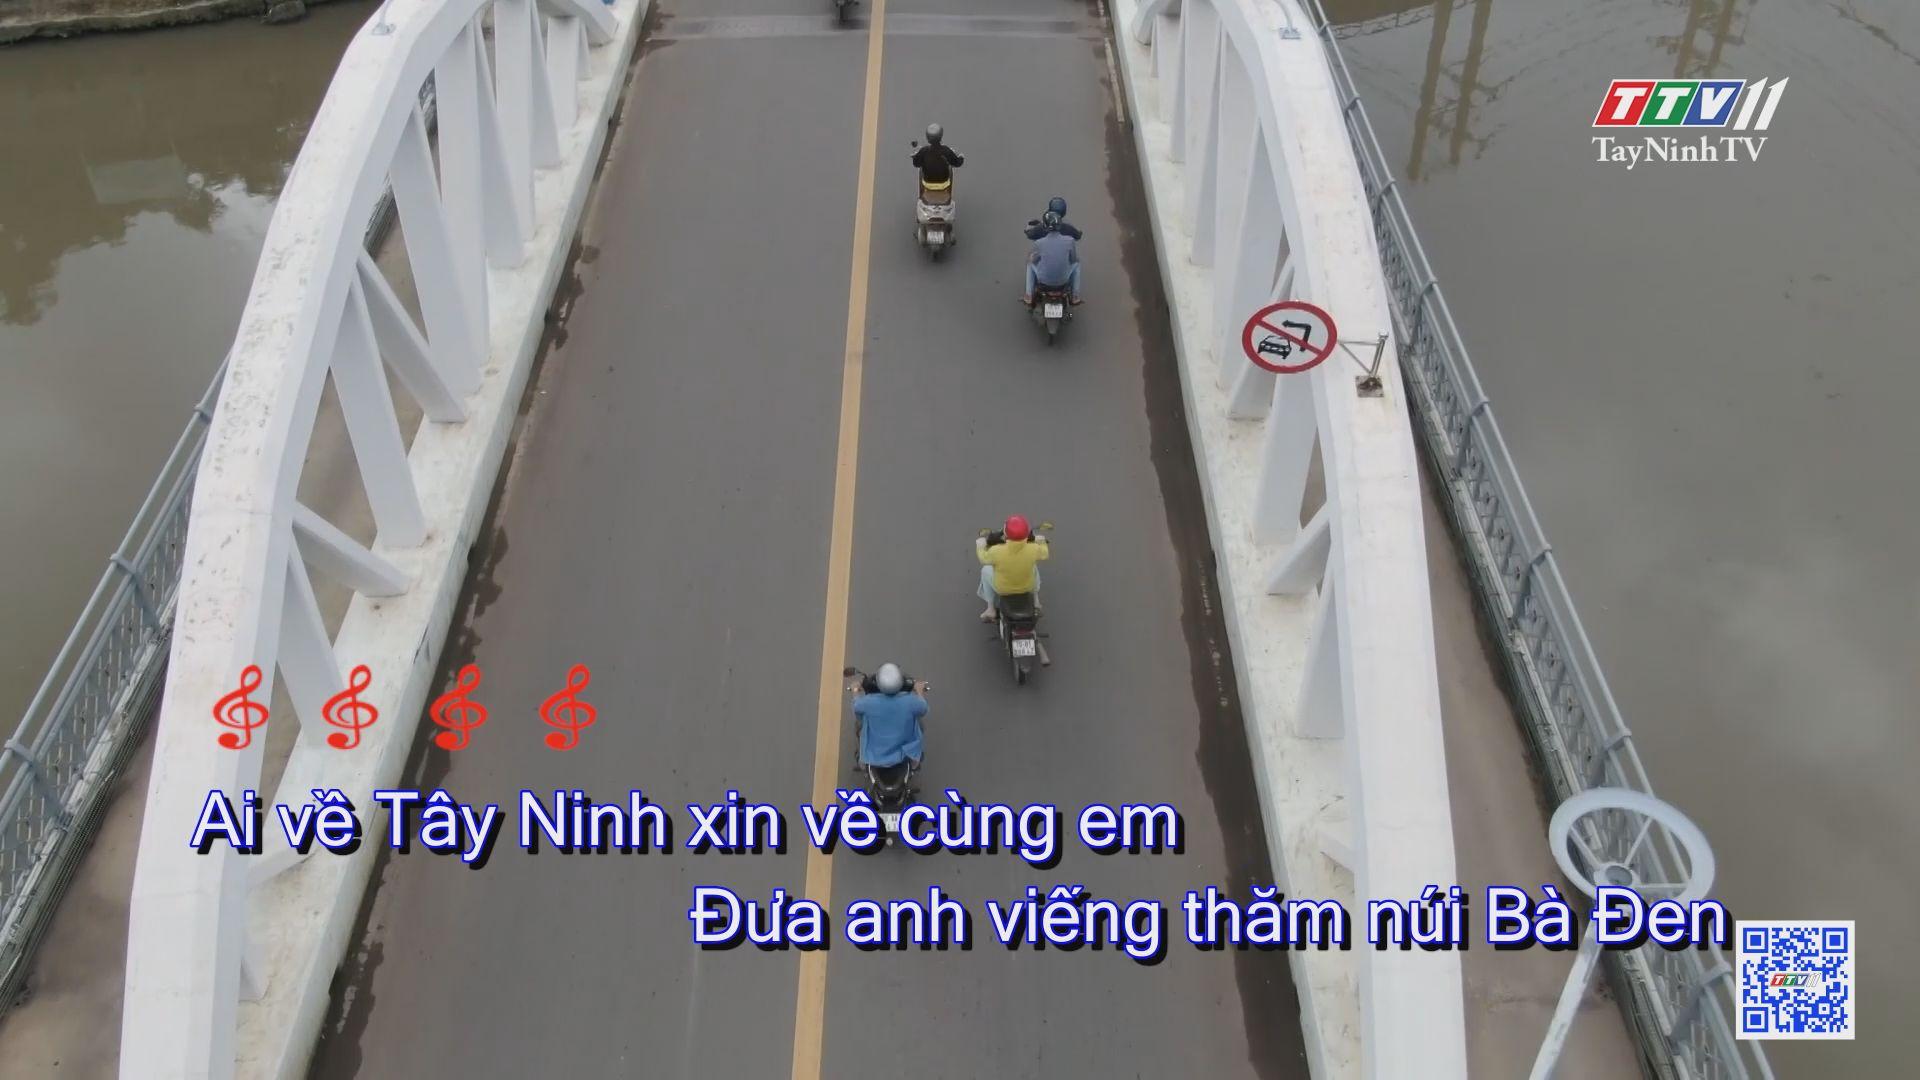 Ai về Tây Ninh KARAOKE | Tuyển tập karaoke Tây Ninh tình yêu trong tôi | TayNinhTV